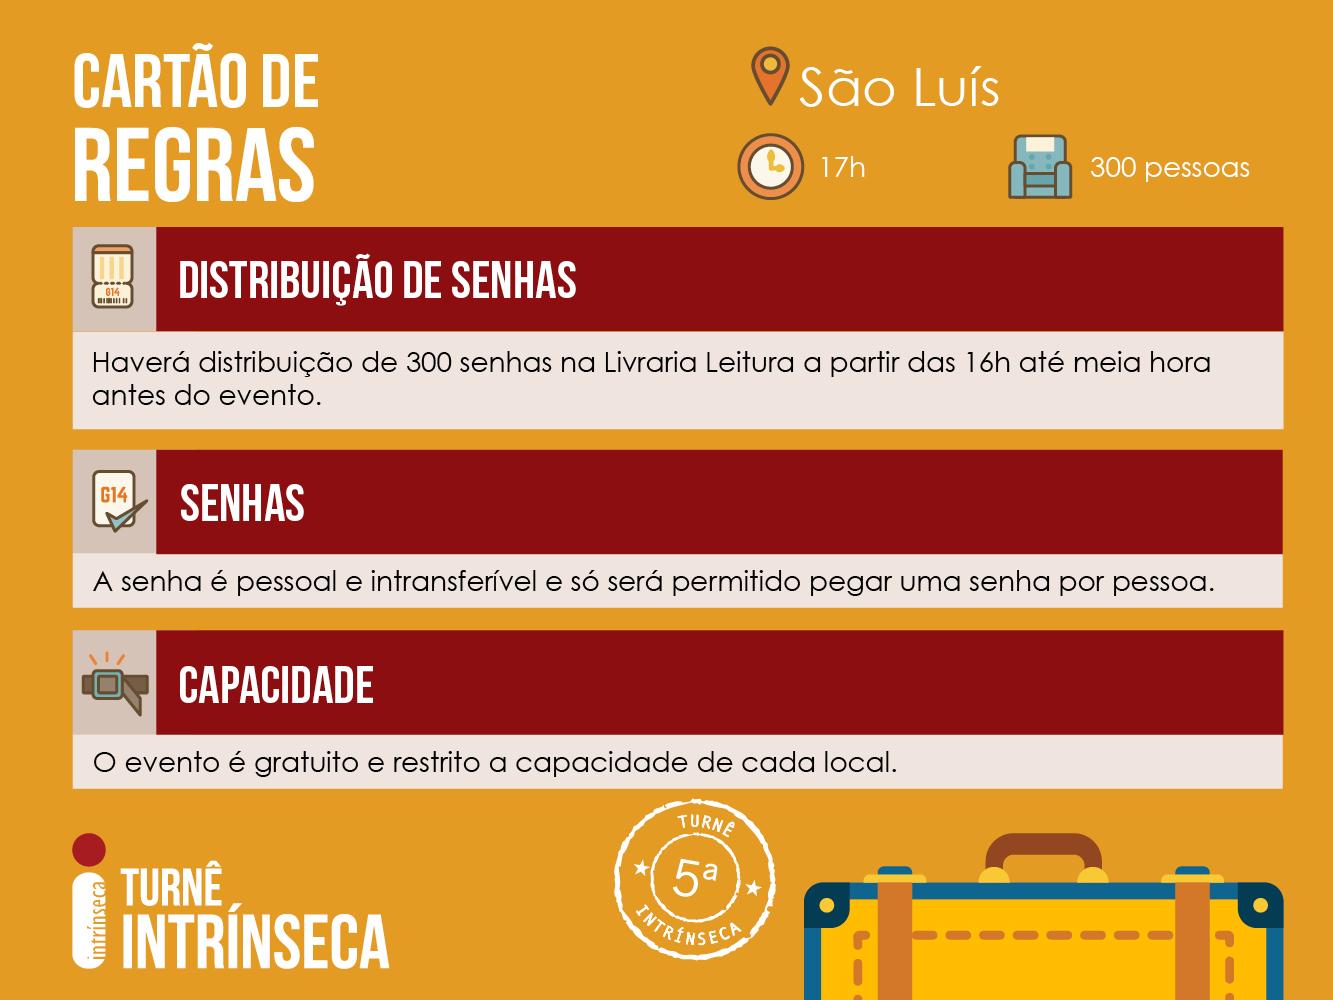 Regras_5aTurne_São Luís